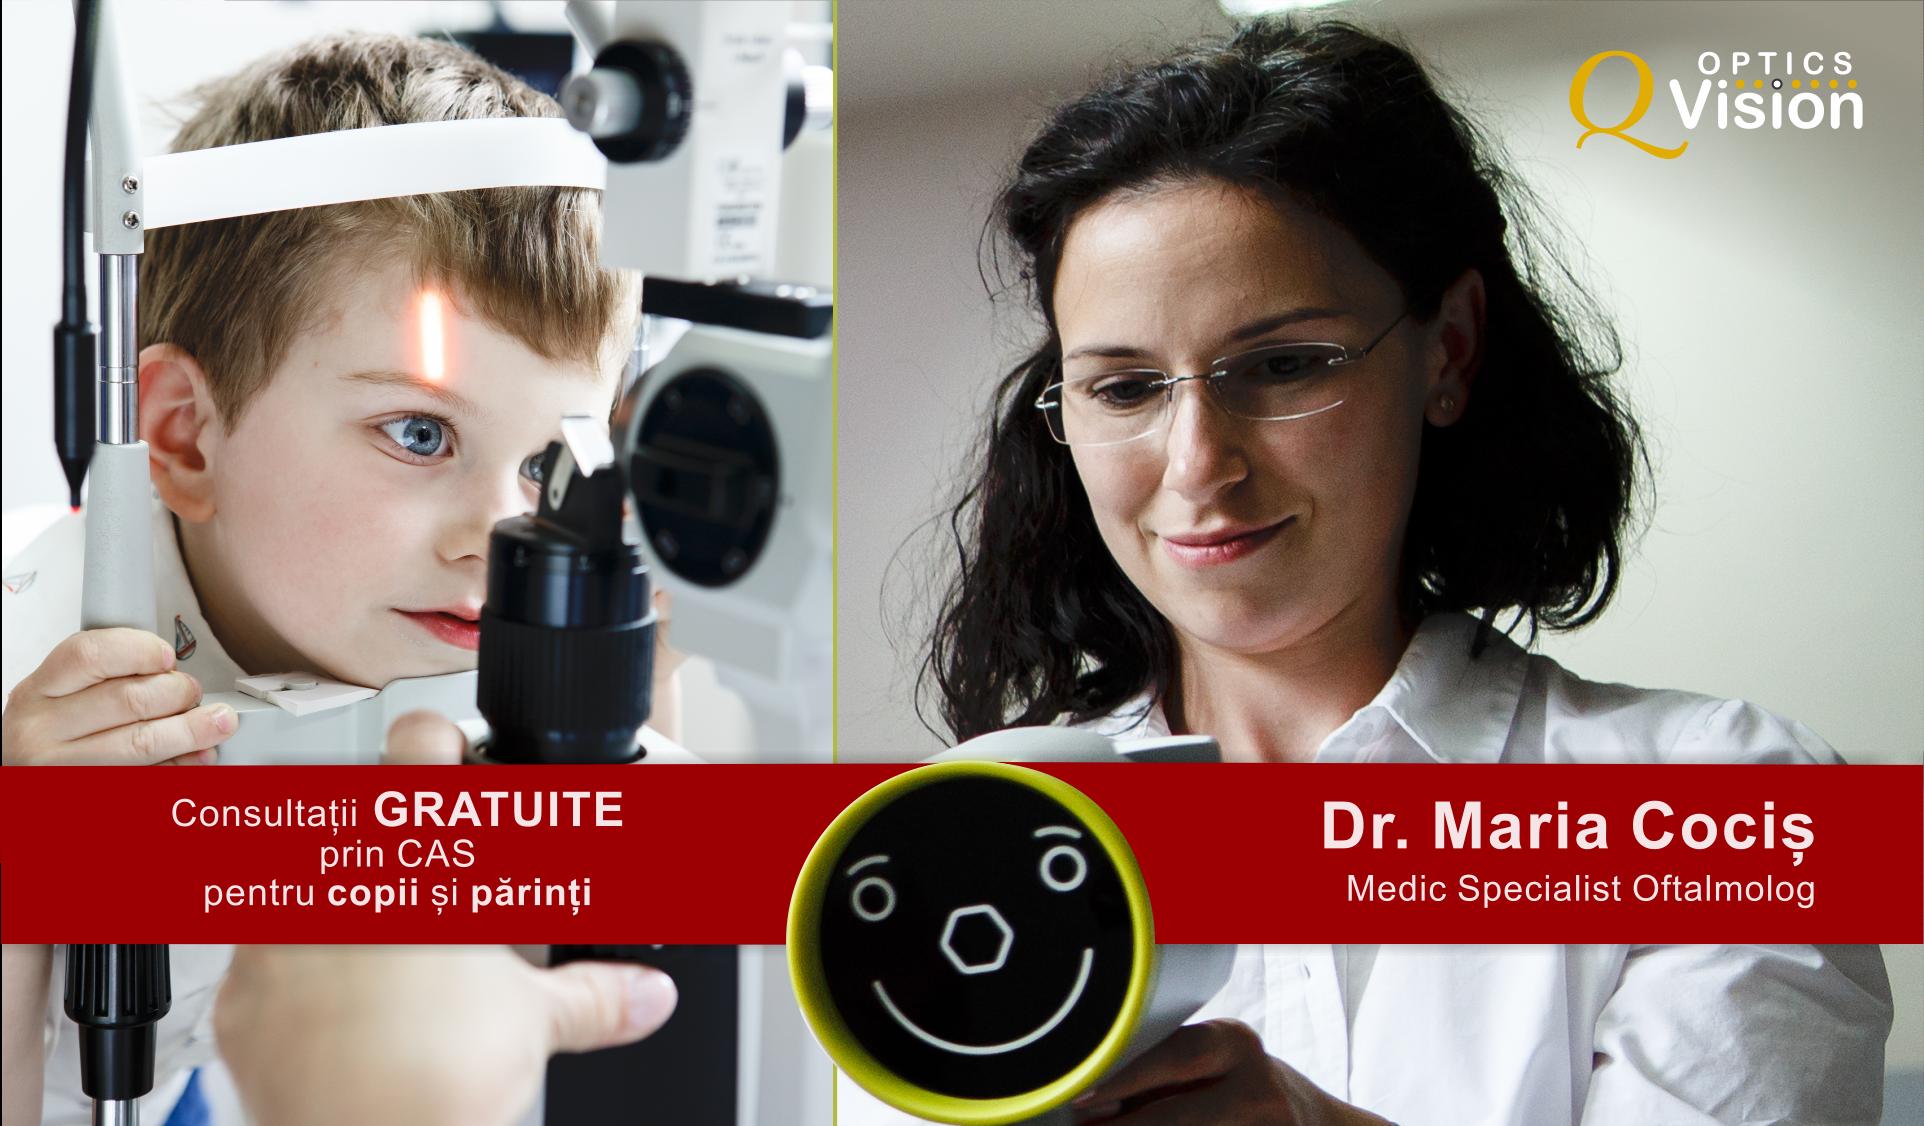 Doctor oftalmologic Maria Cociș Q Vision